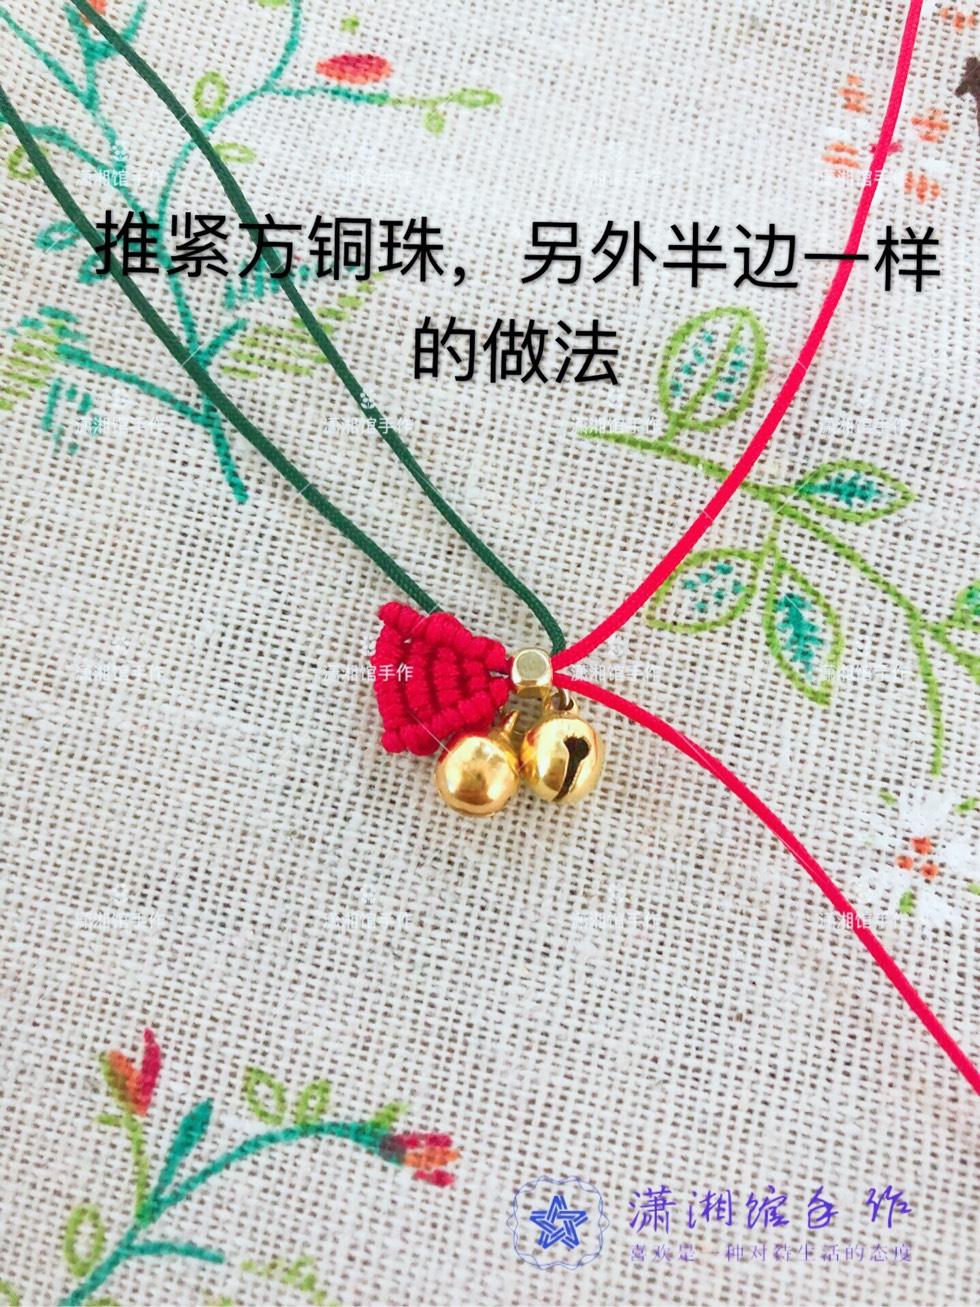 中国结论坛 圣诞节蝴蝶结手链  图文教程区 114907o3w68hfz6c7380fn